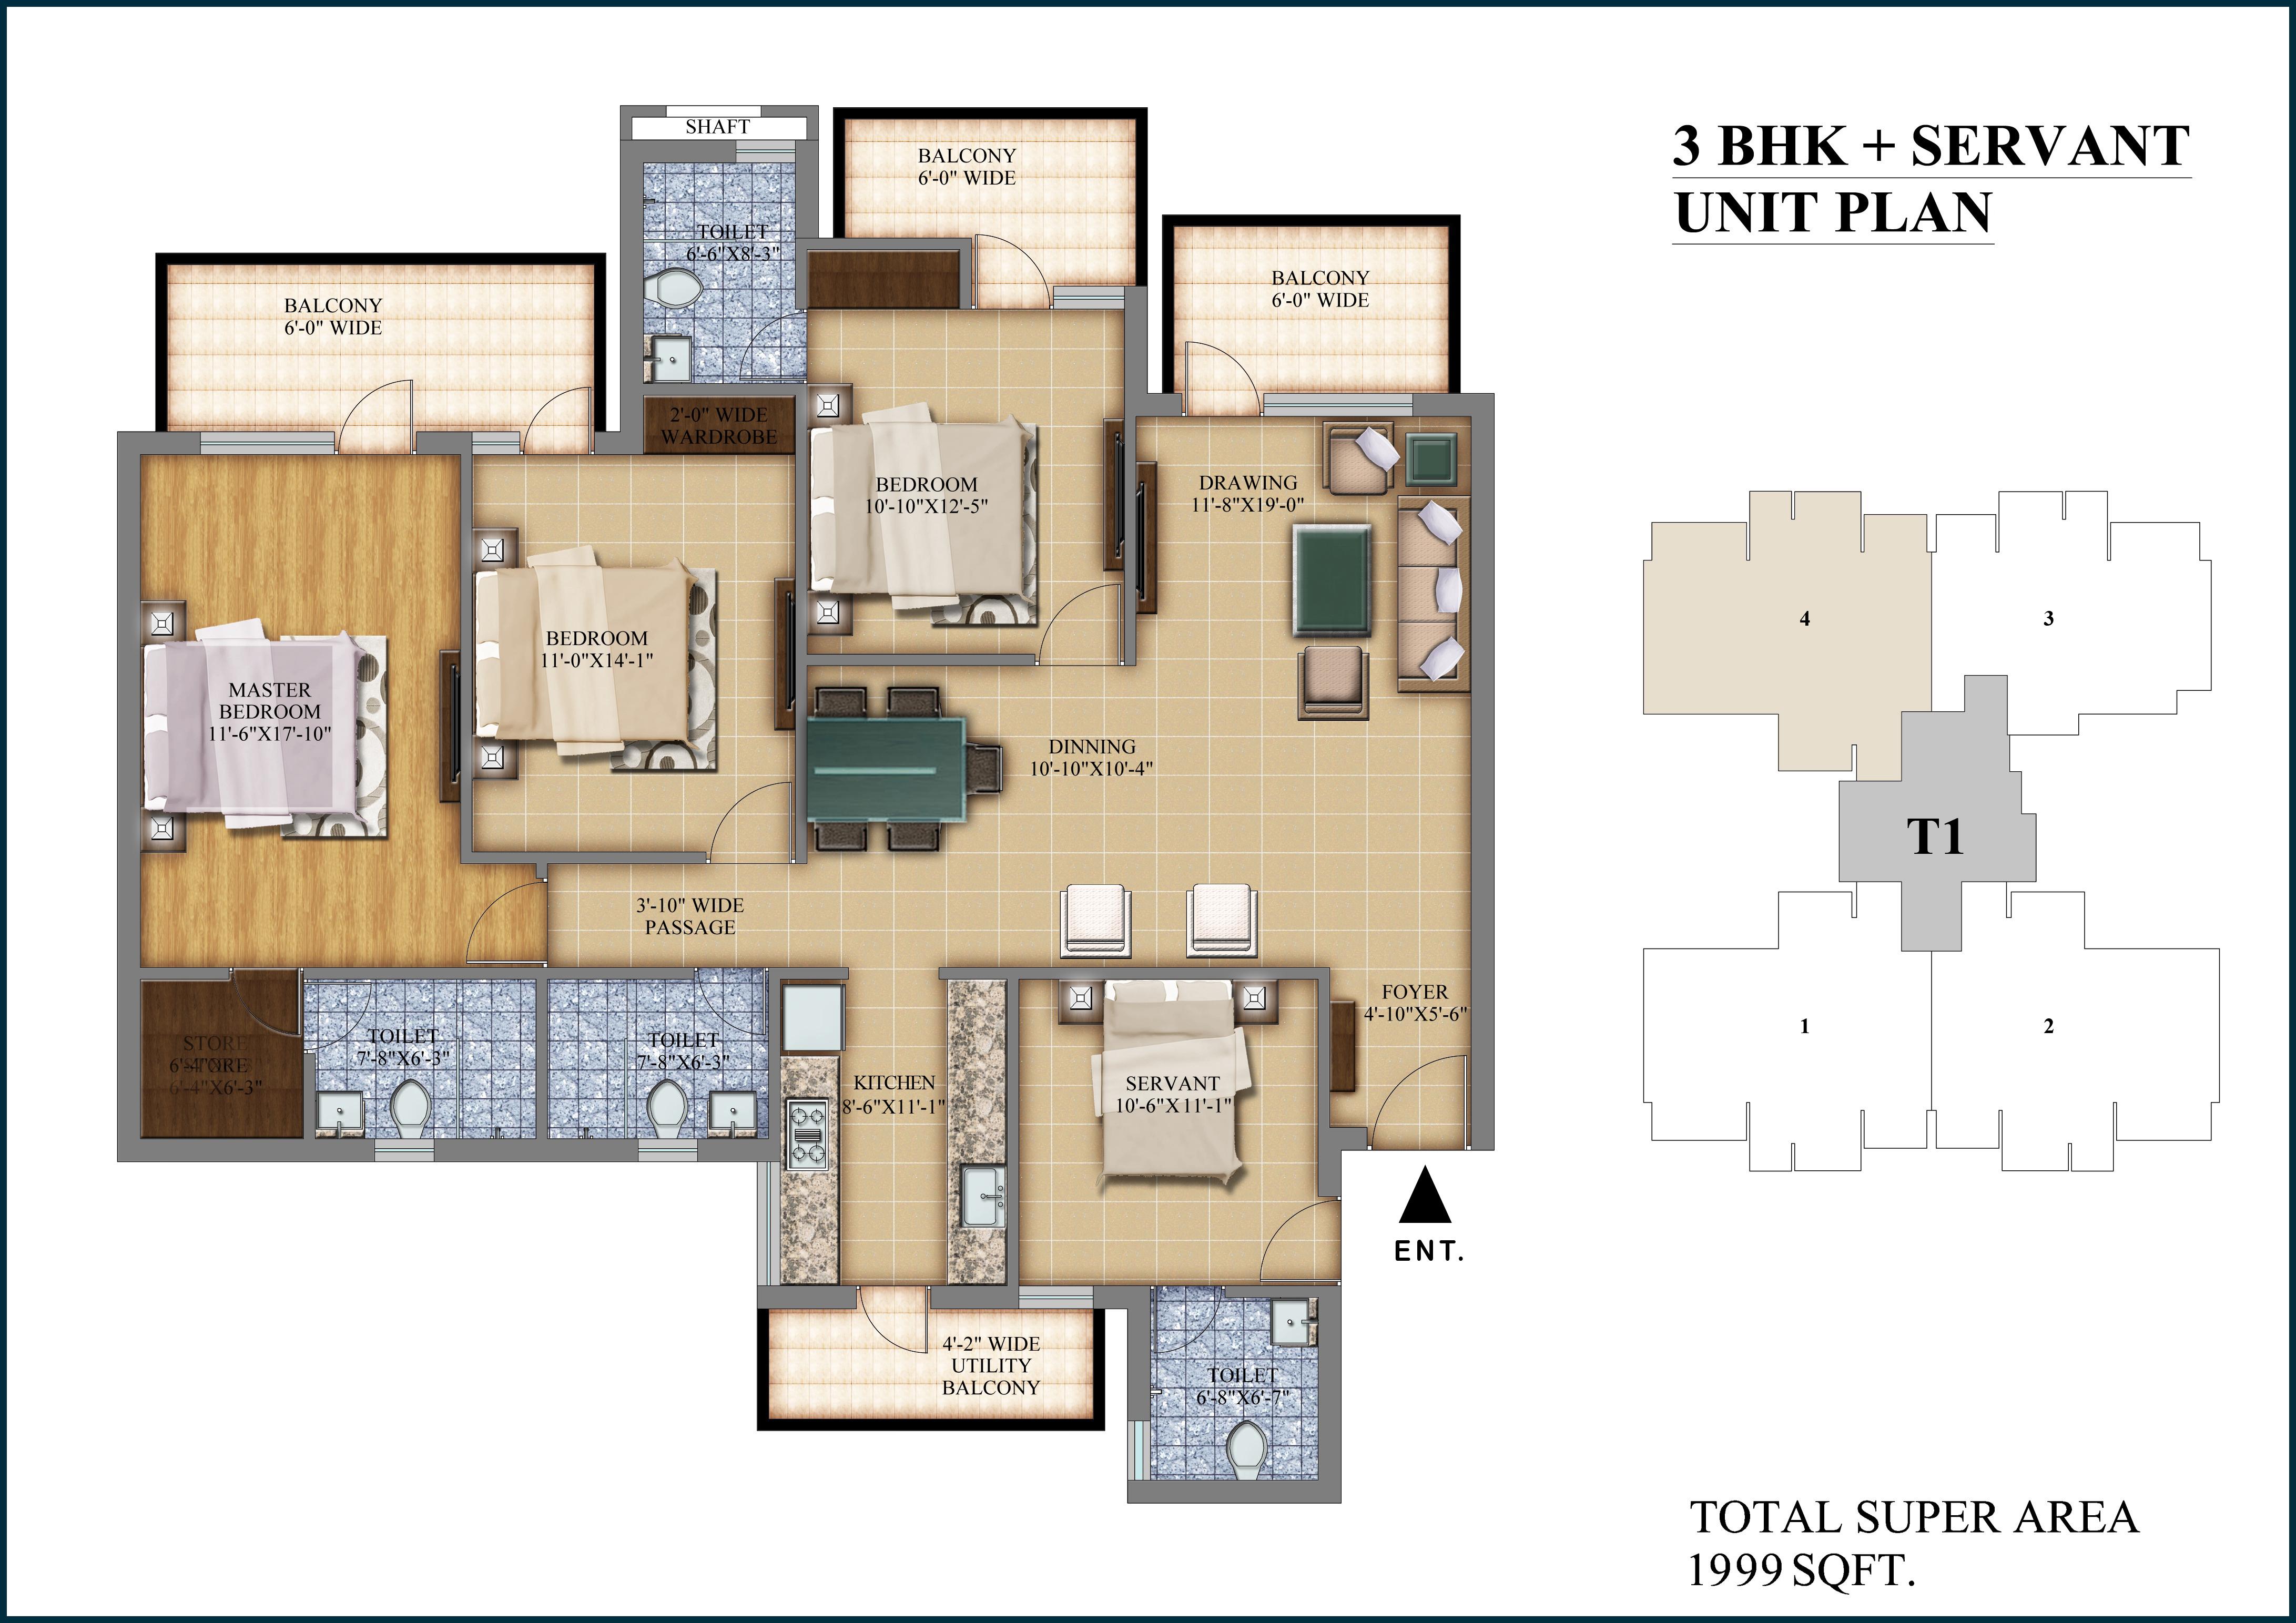 3 BHK +S Layout Plan